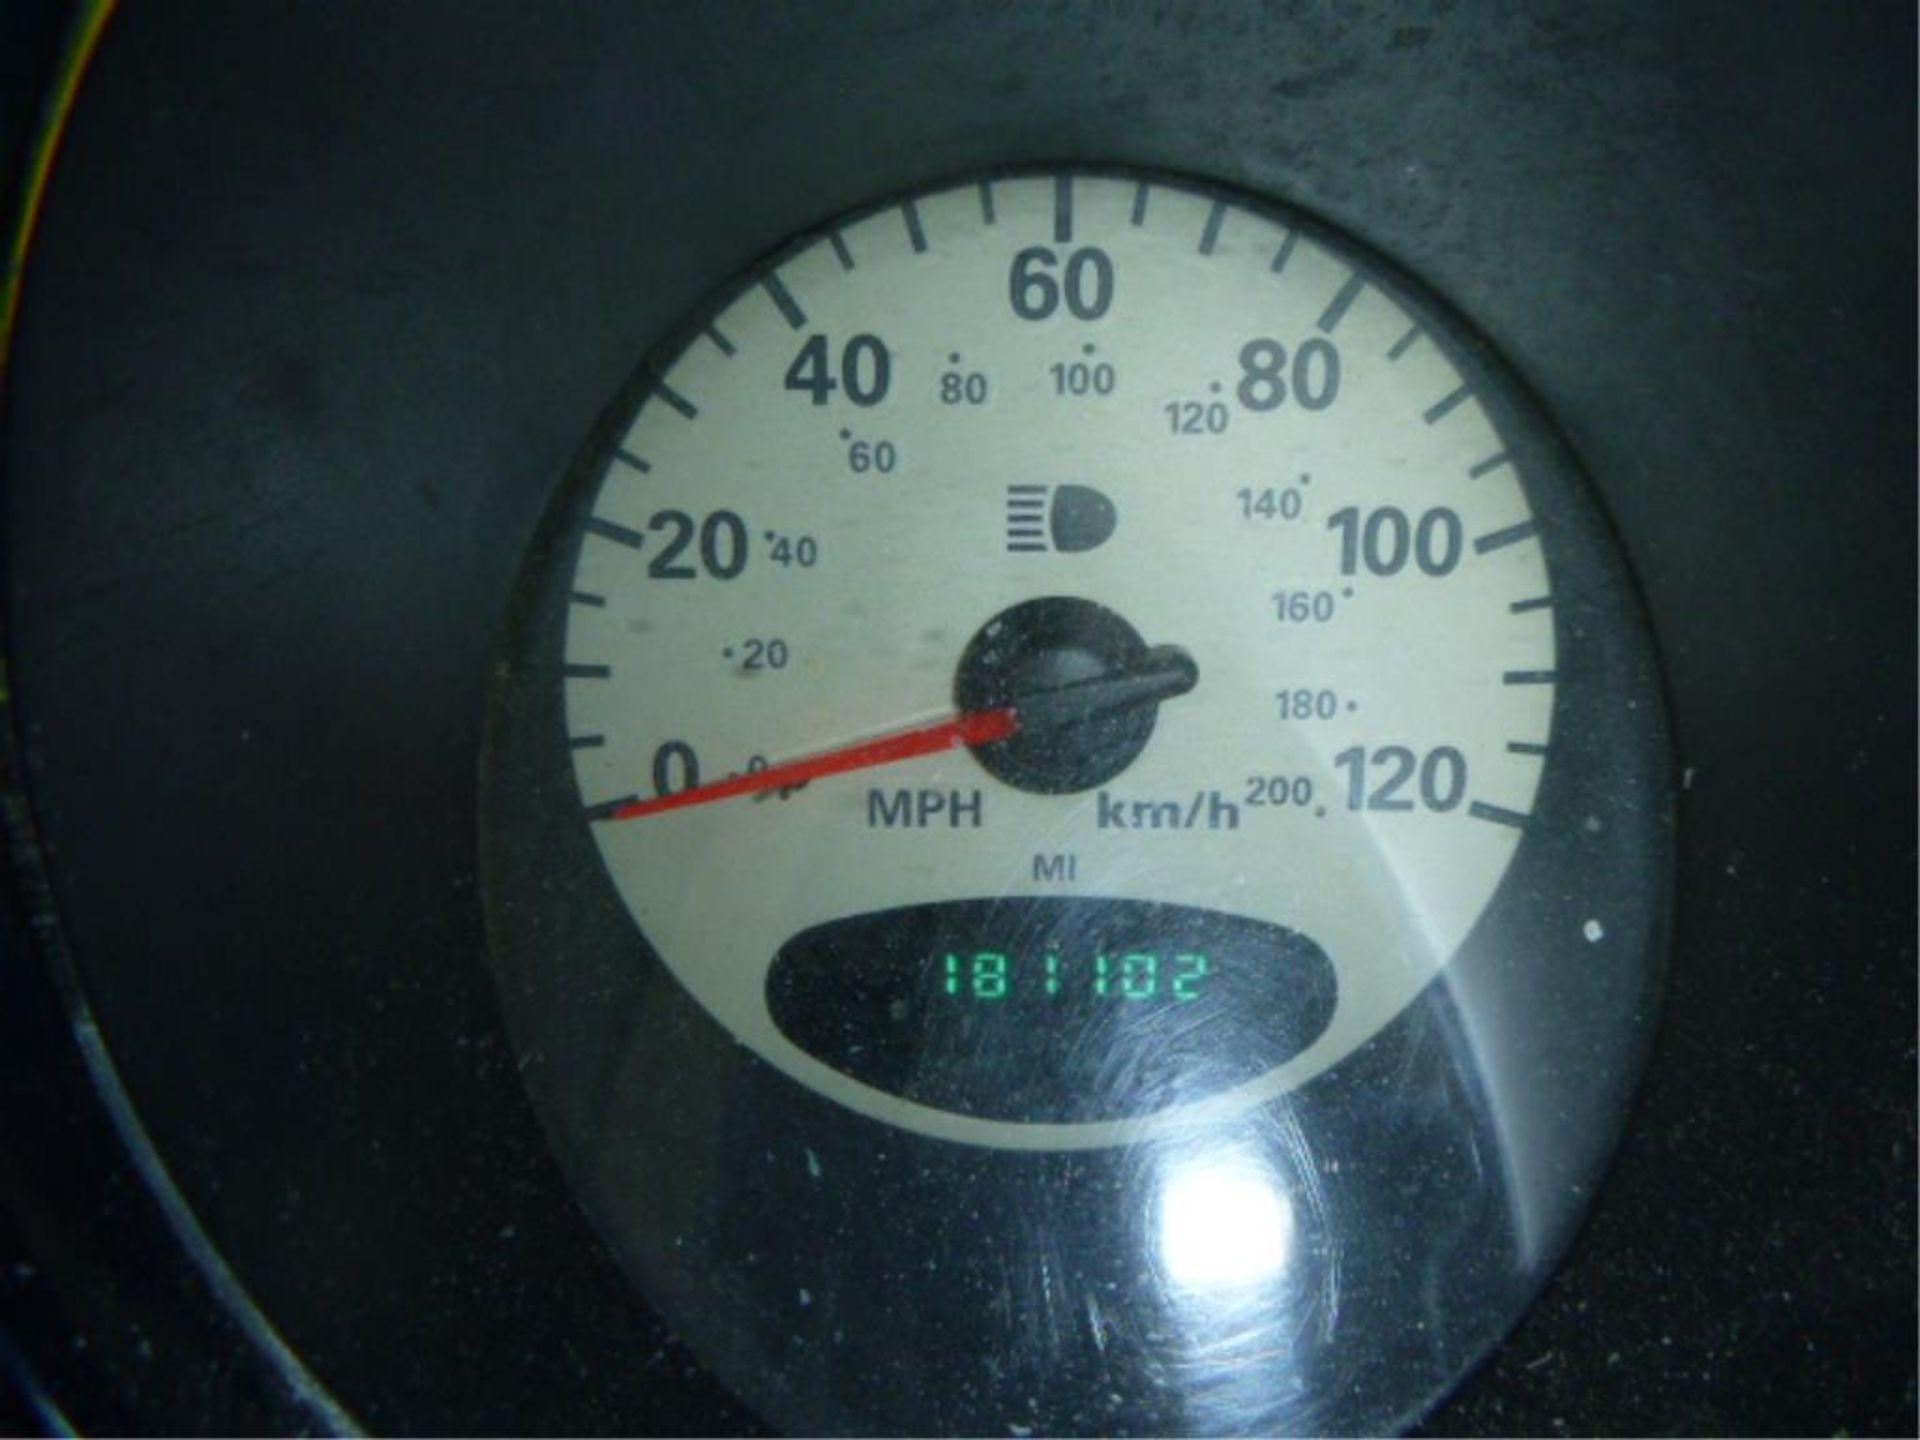 2002 Chrysler PT Cruiser - Image 13 of 14